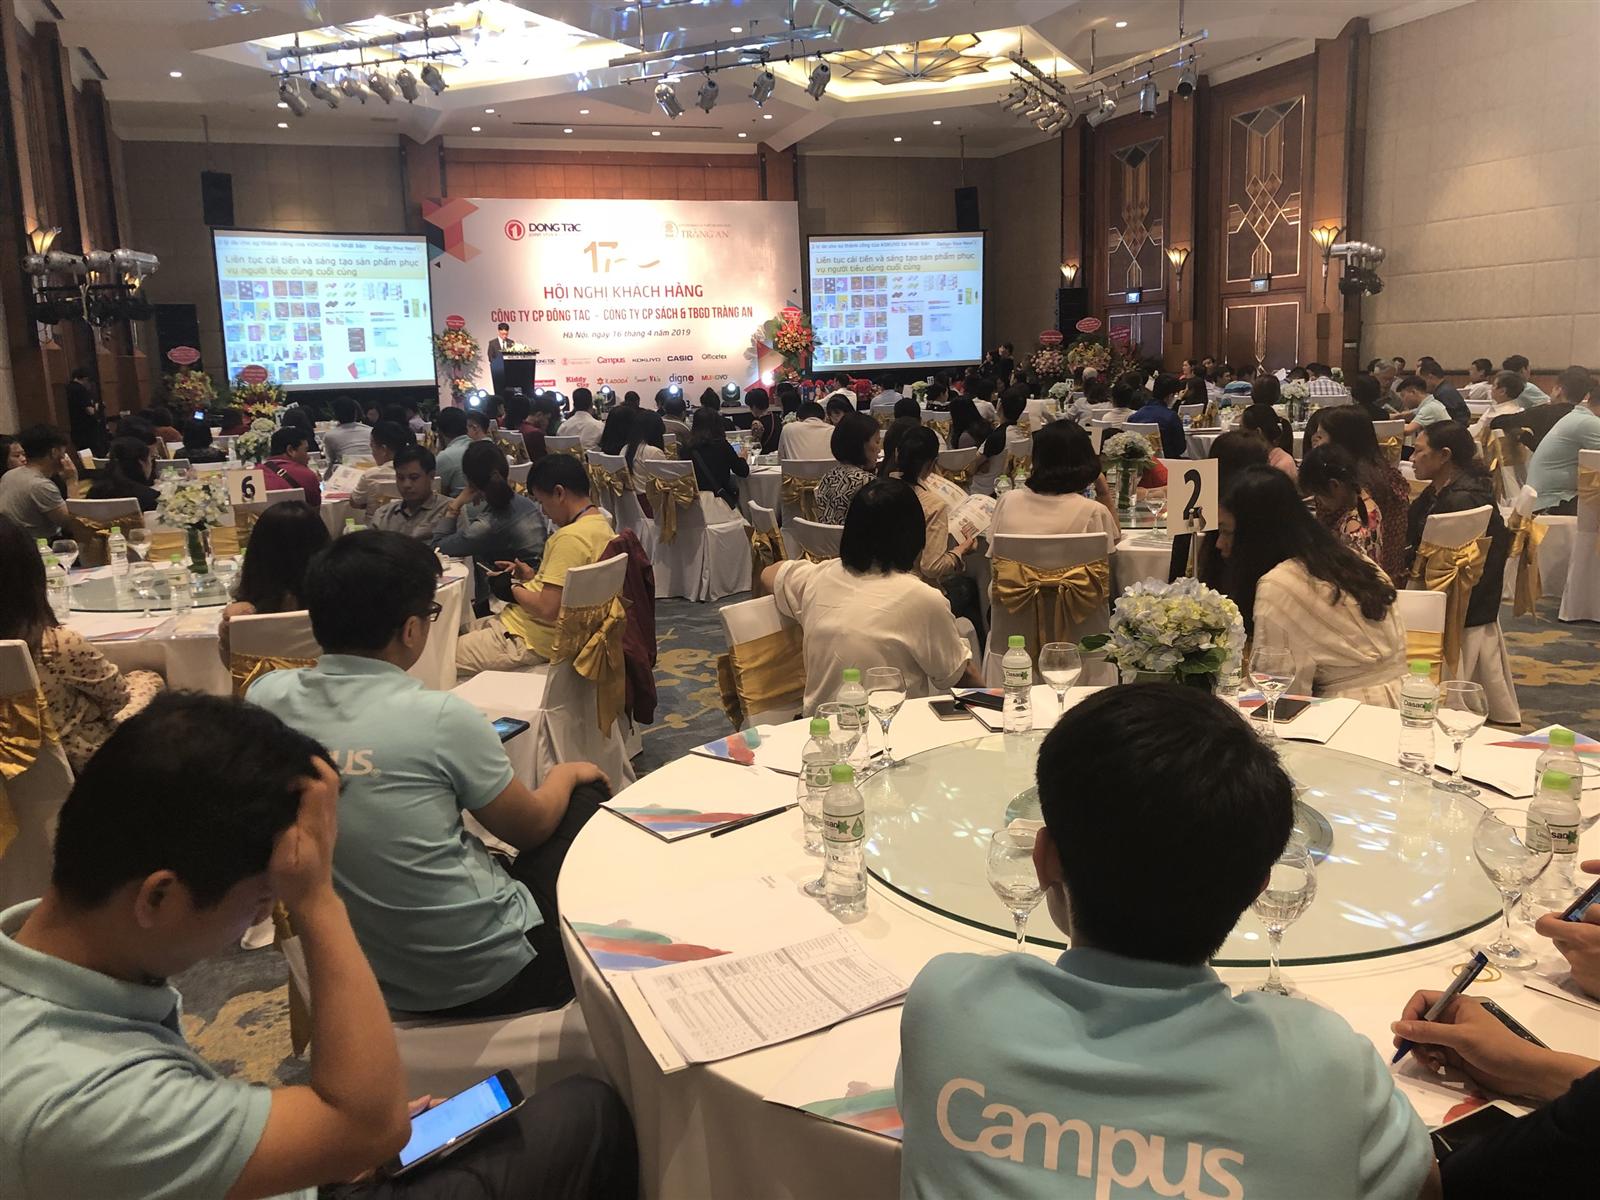 Hội Nghị Gặp Mặt Khách Hàng của Công ty CP Đông Tác - Công ty CP Sách & TBGD Tràng An được diễn ra tại Hà Nội, ngày 16 tháng 04.